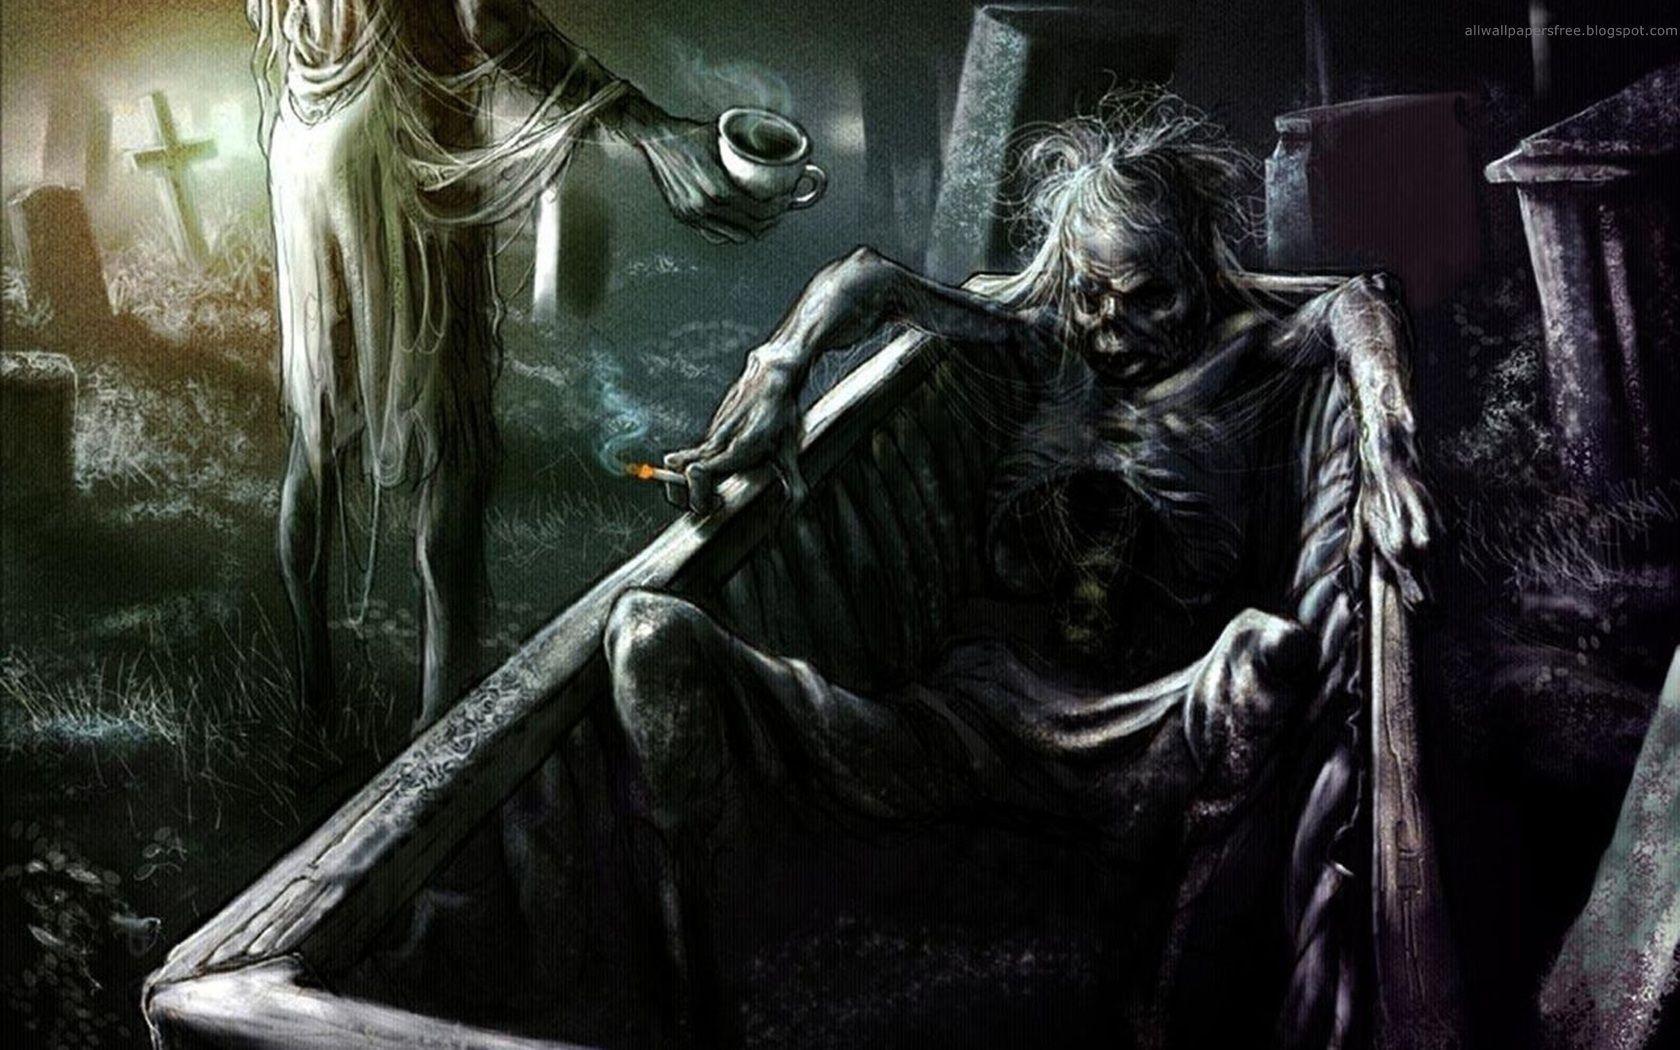 Hình nền nghệ thuật kinh dị & đen tối 1680x1050